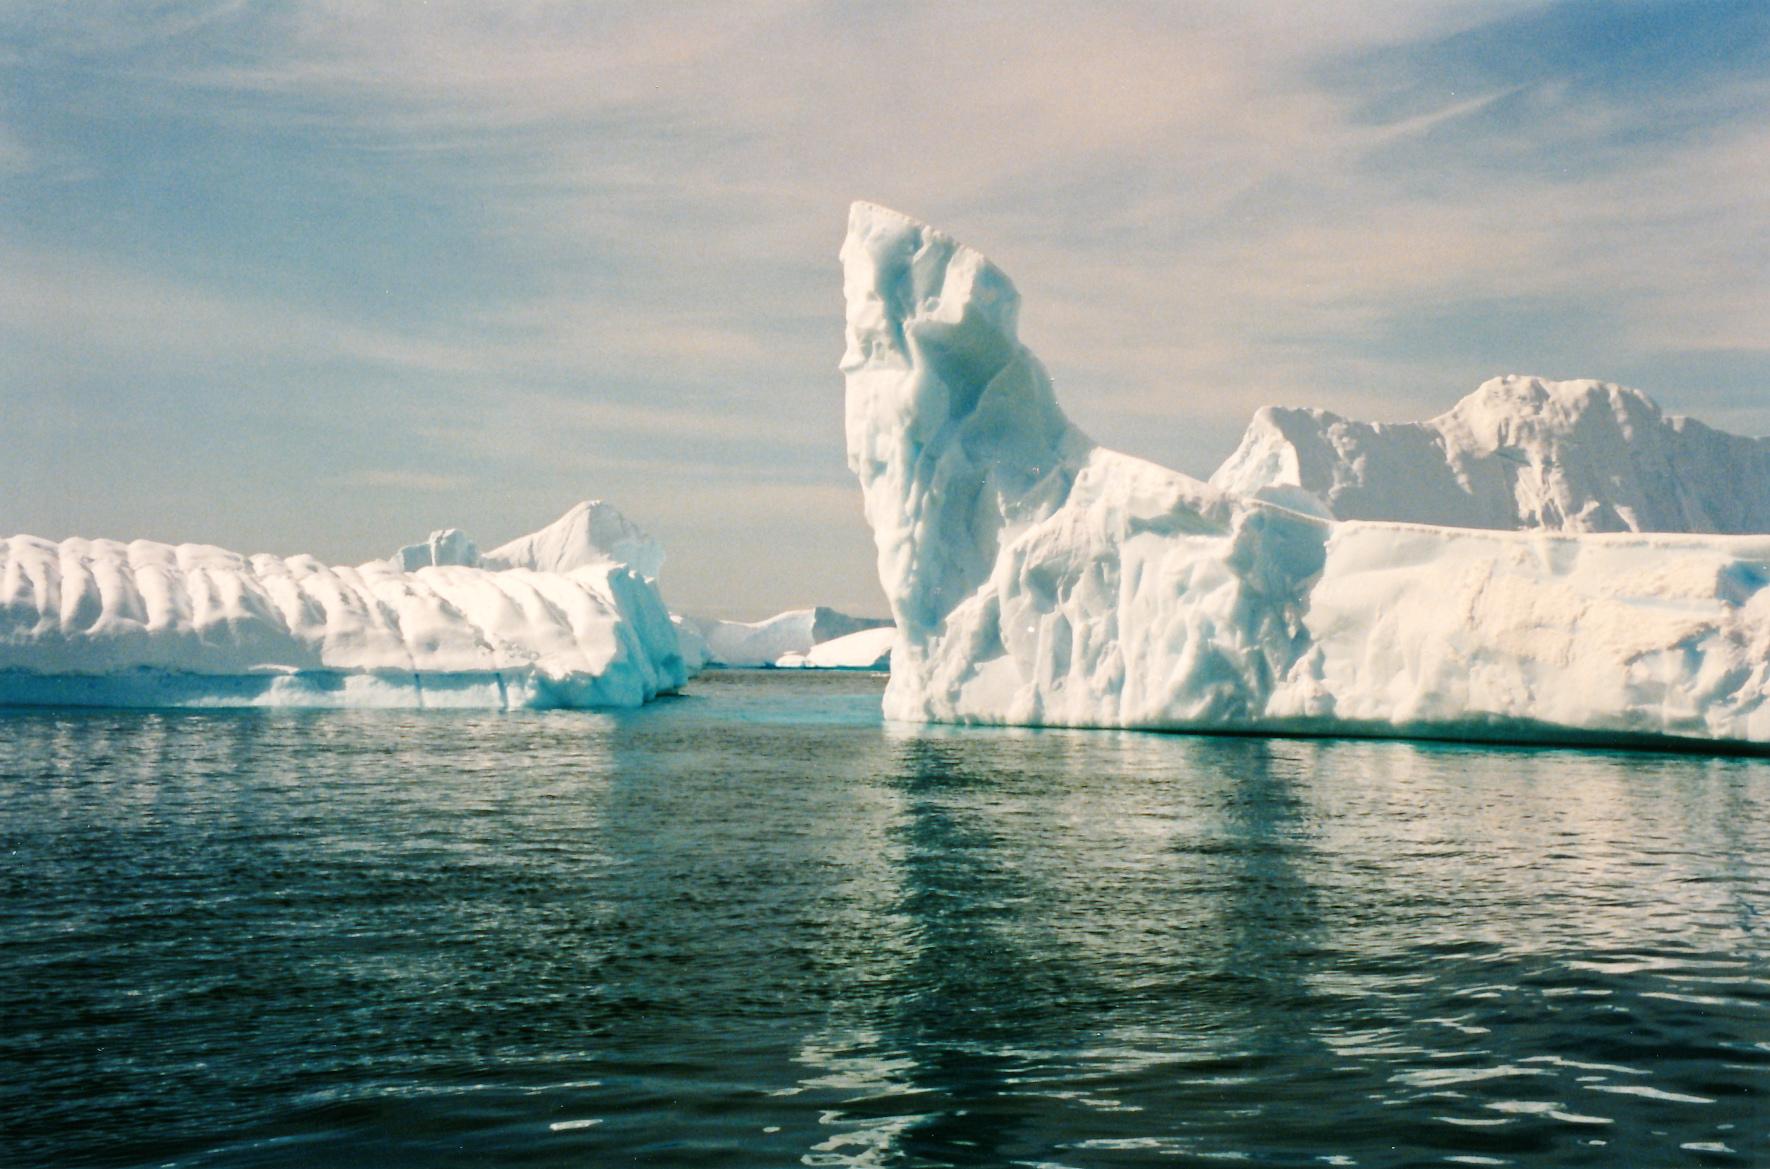 Towering icebergs